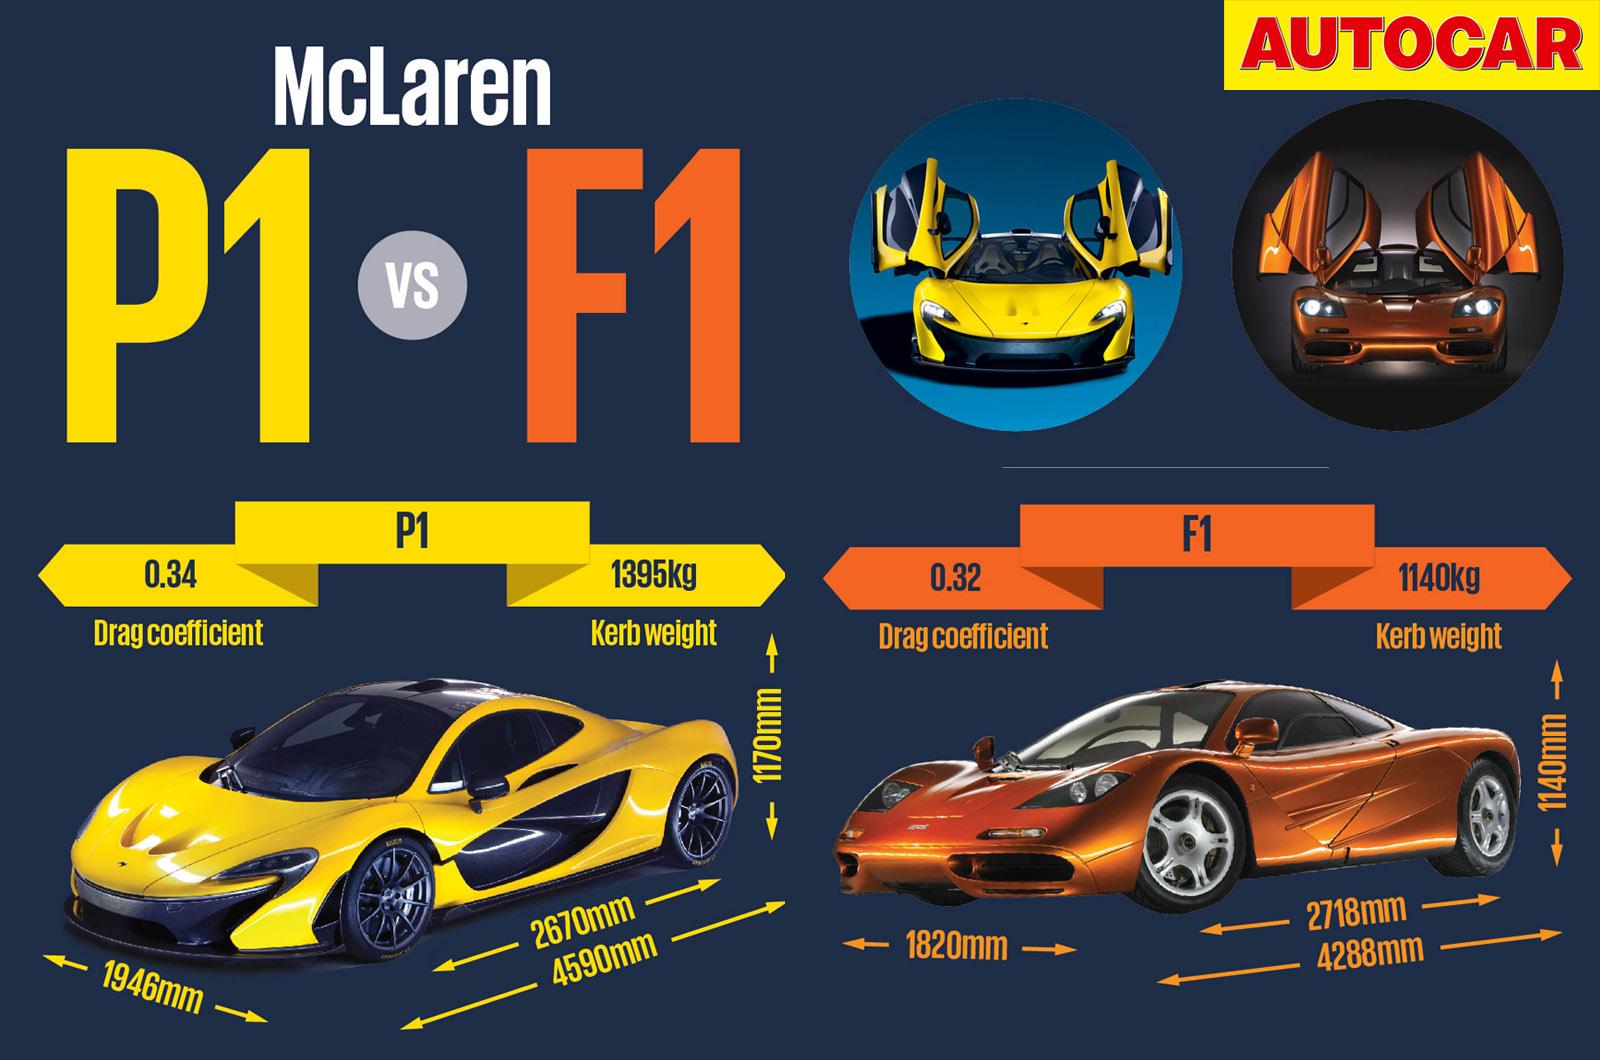 McLaren P1 vs McLaren F1 | Autocar